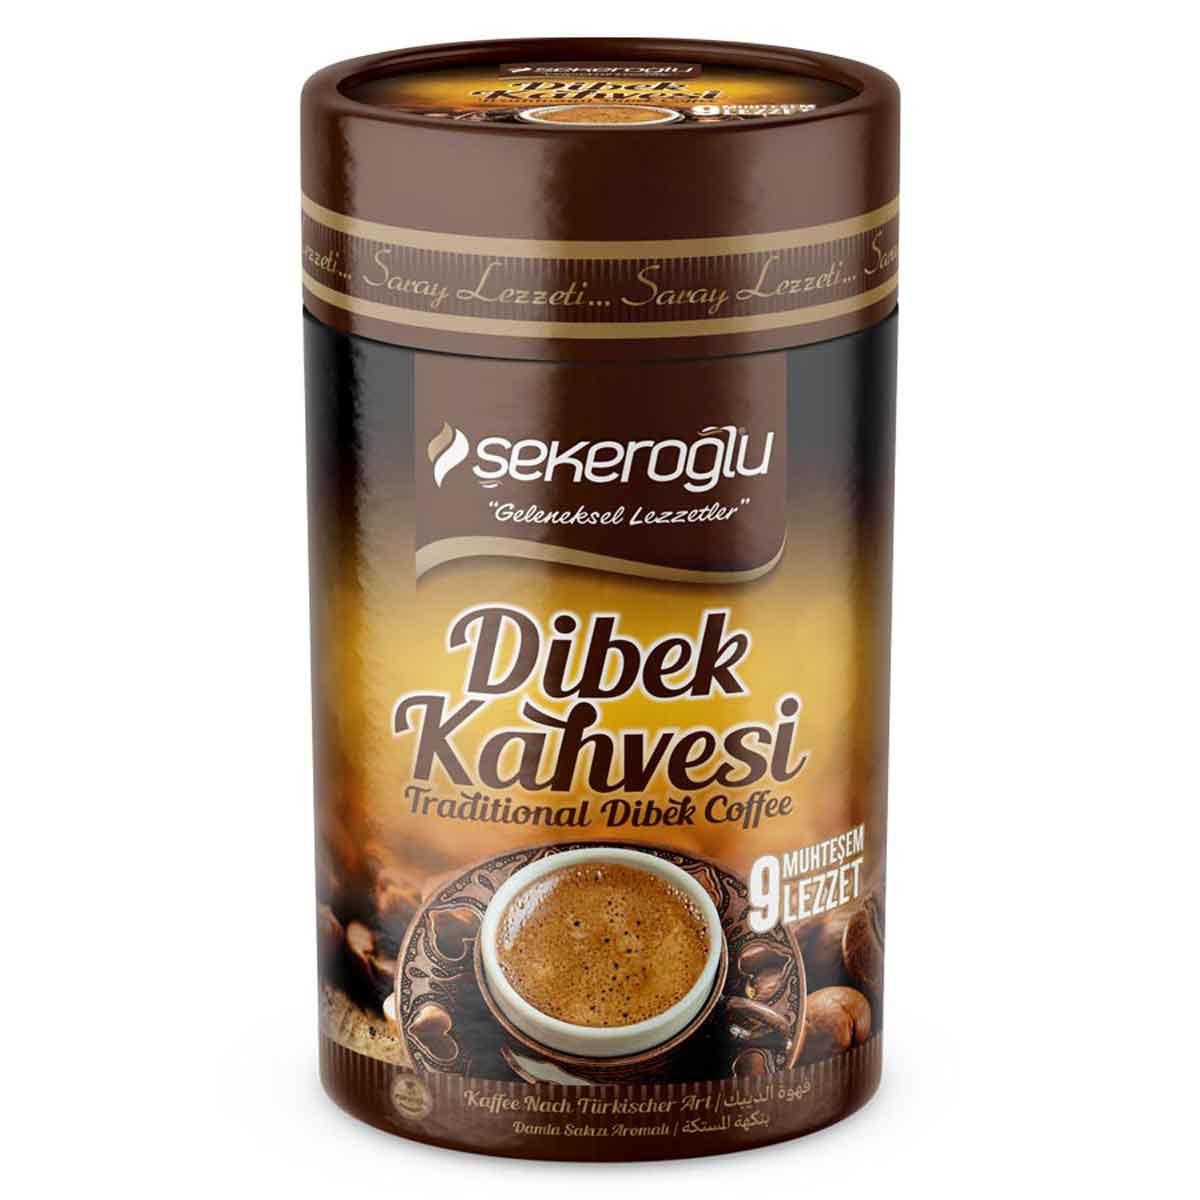 Şekeroğlu ~ türkischer Dibek Kaffee ~ Dibek Kahvesi